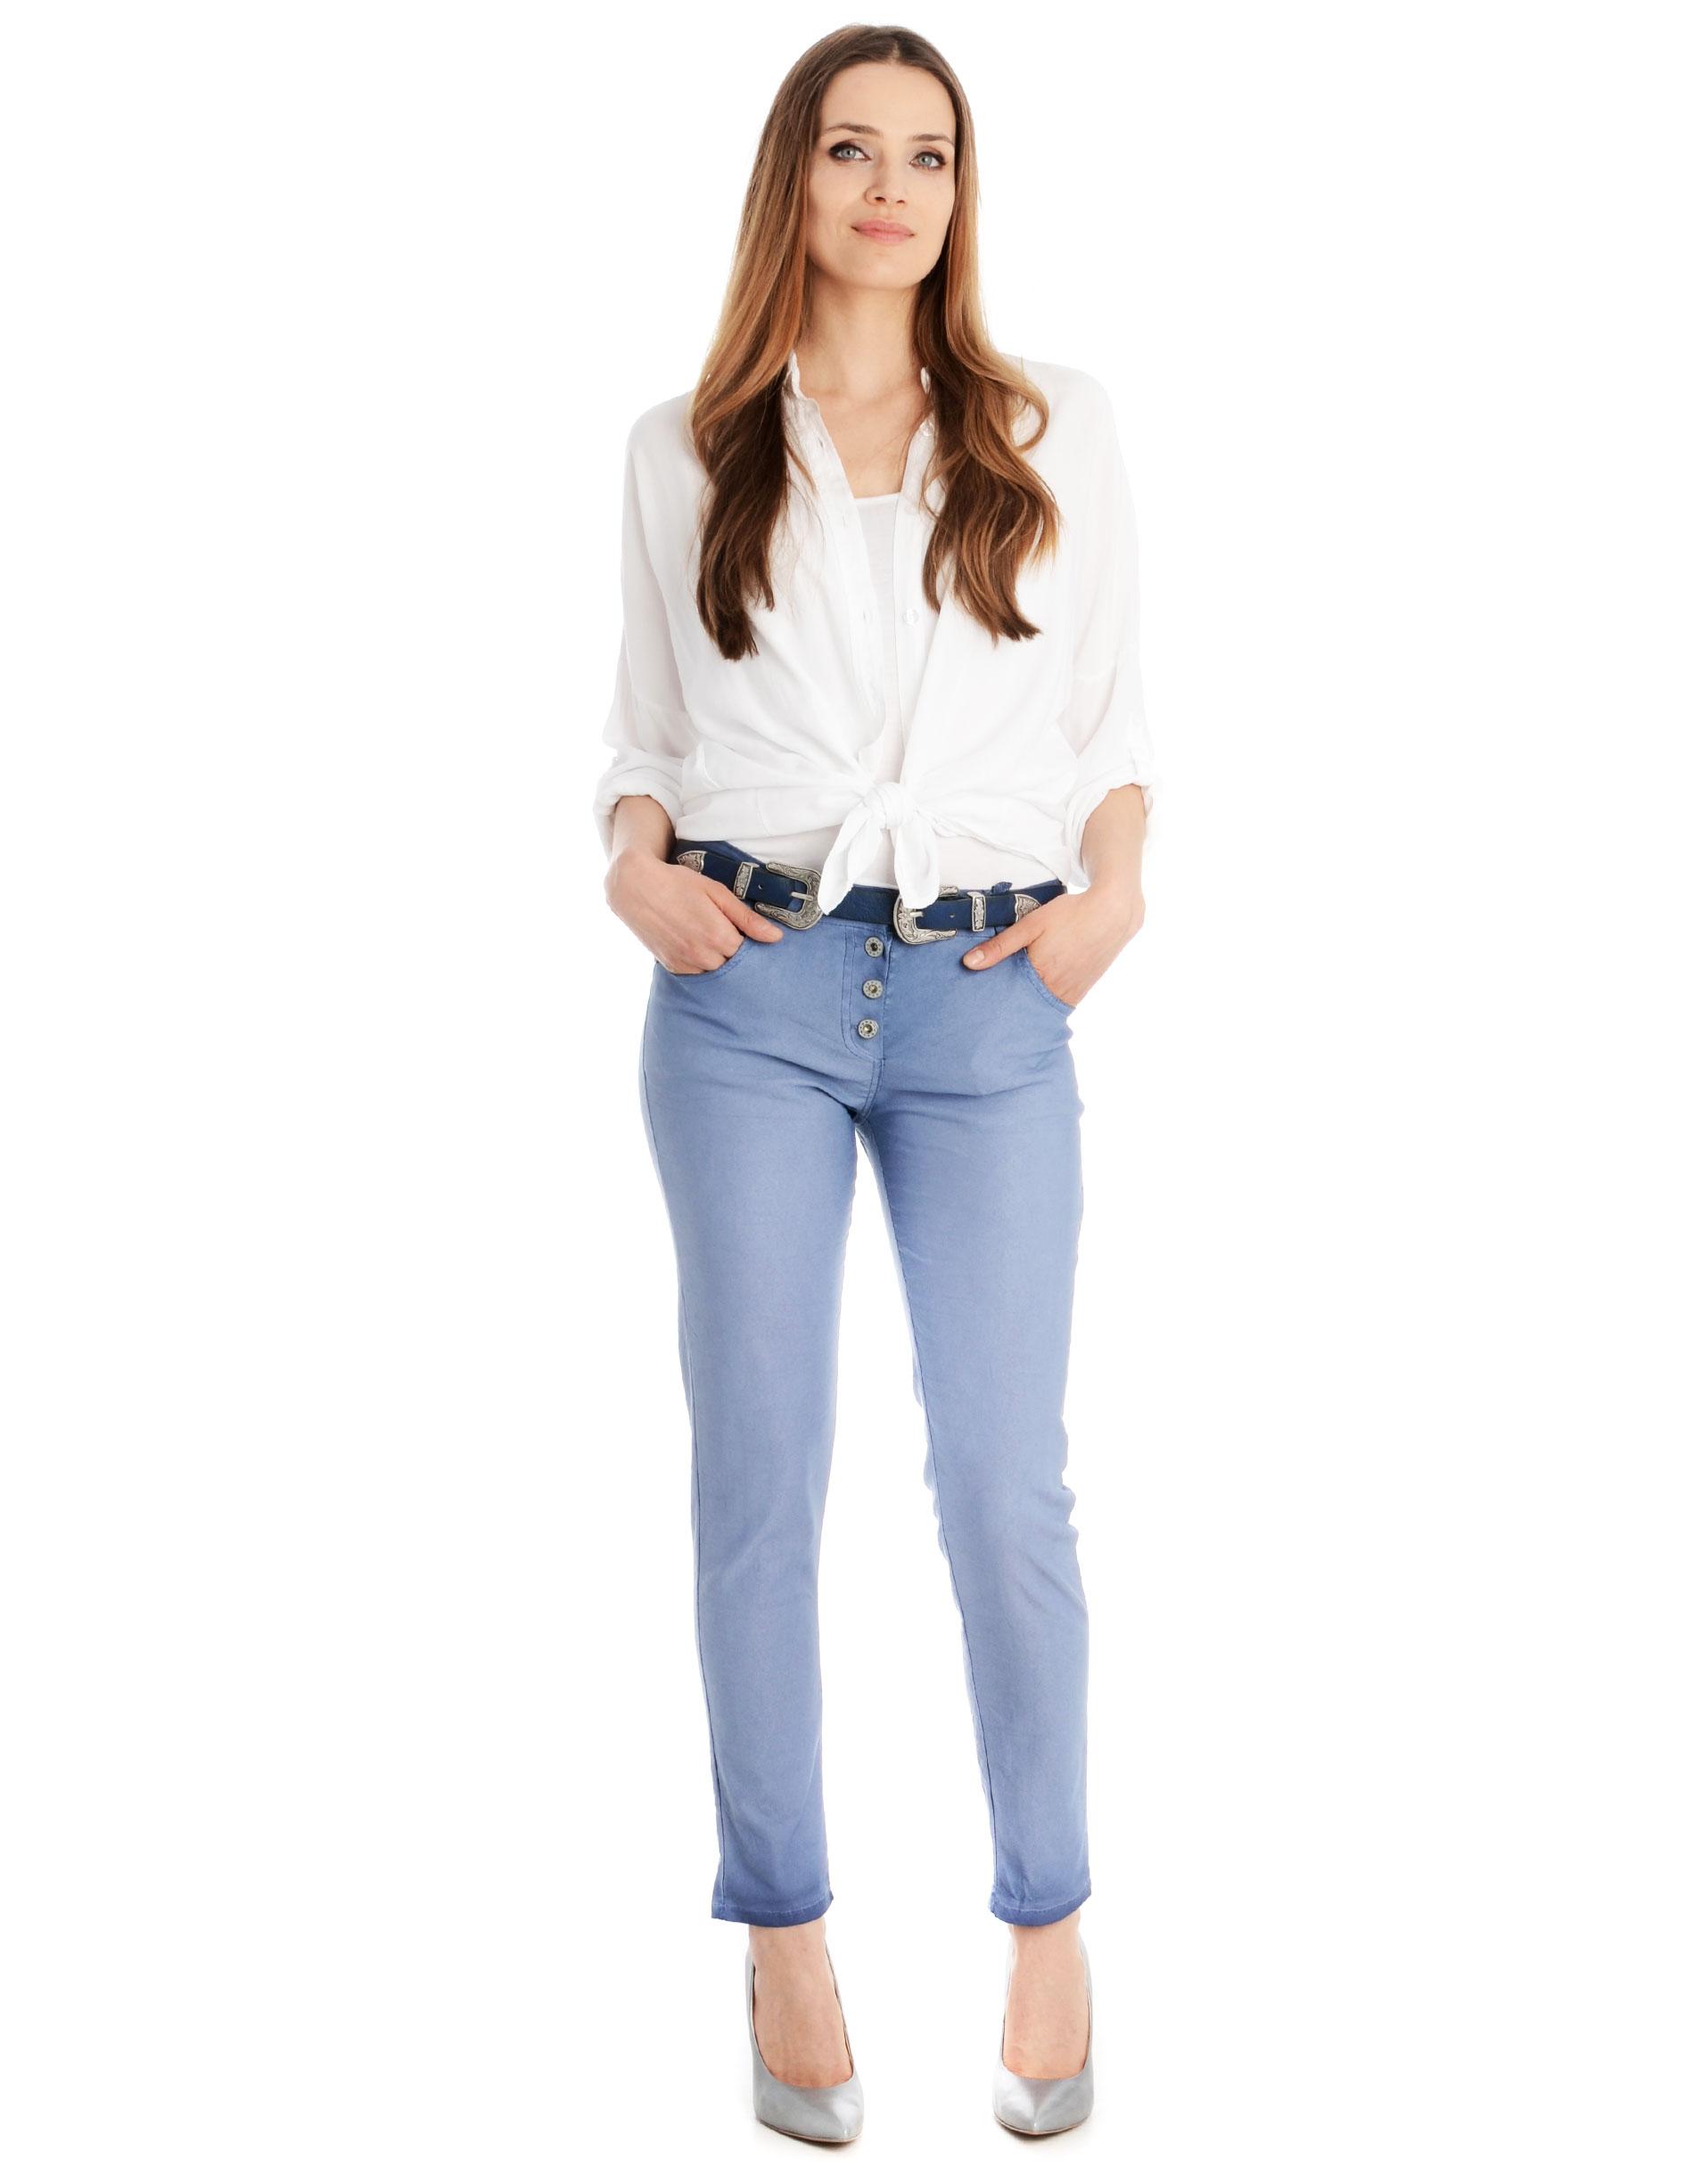 Spodnie - 54-5281 BL SC - Unisono